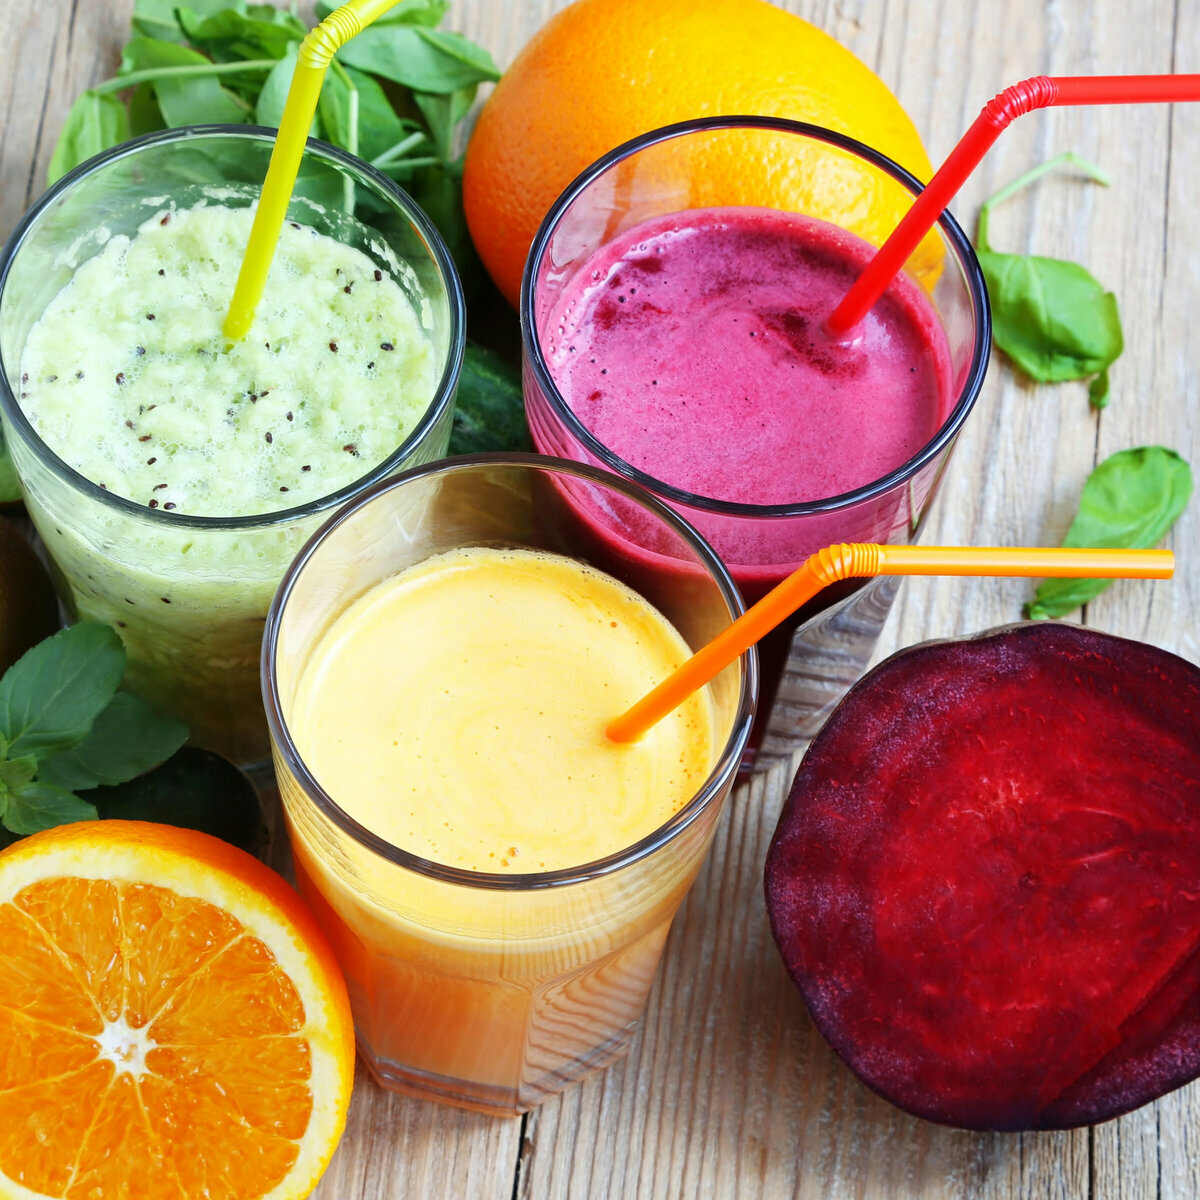 витаминные напитки для похудения